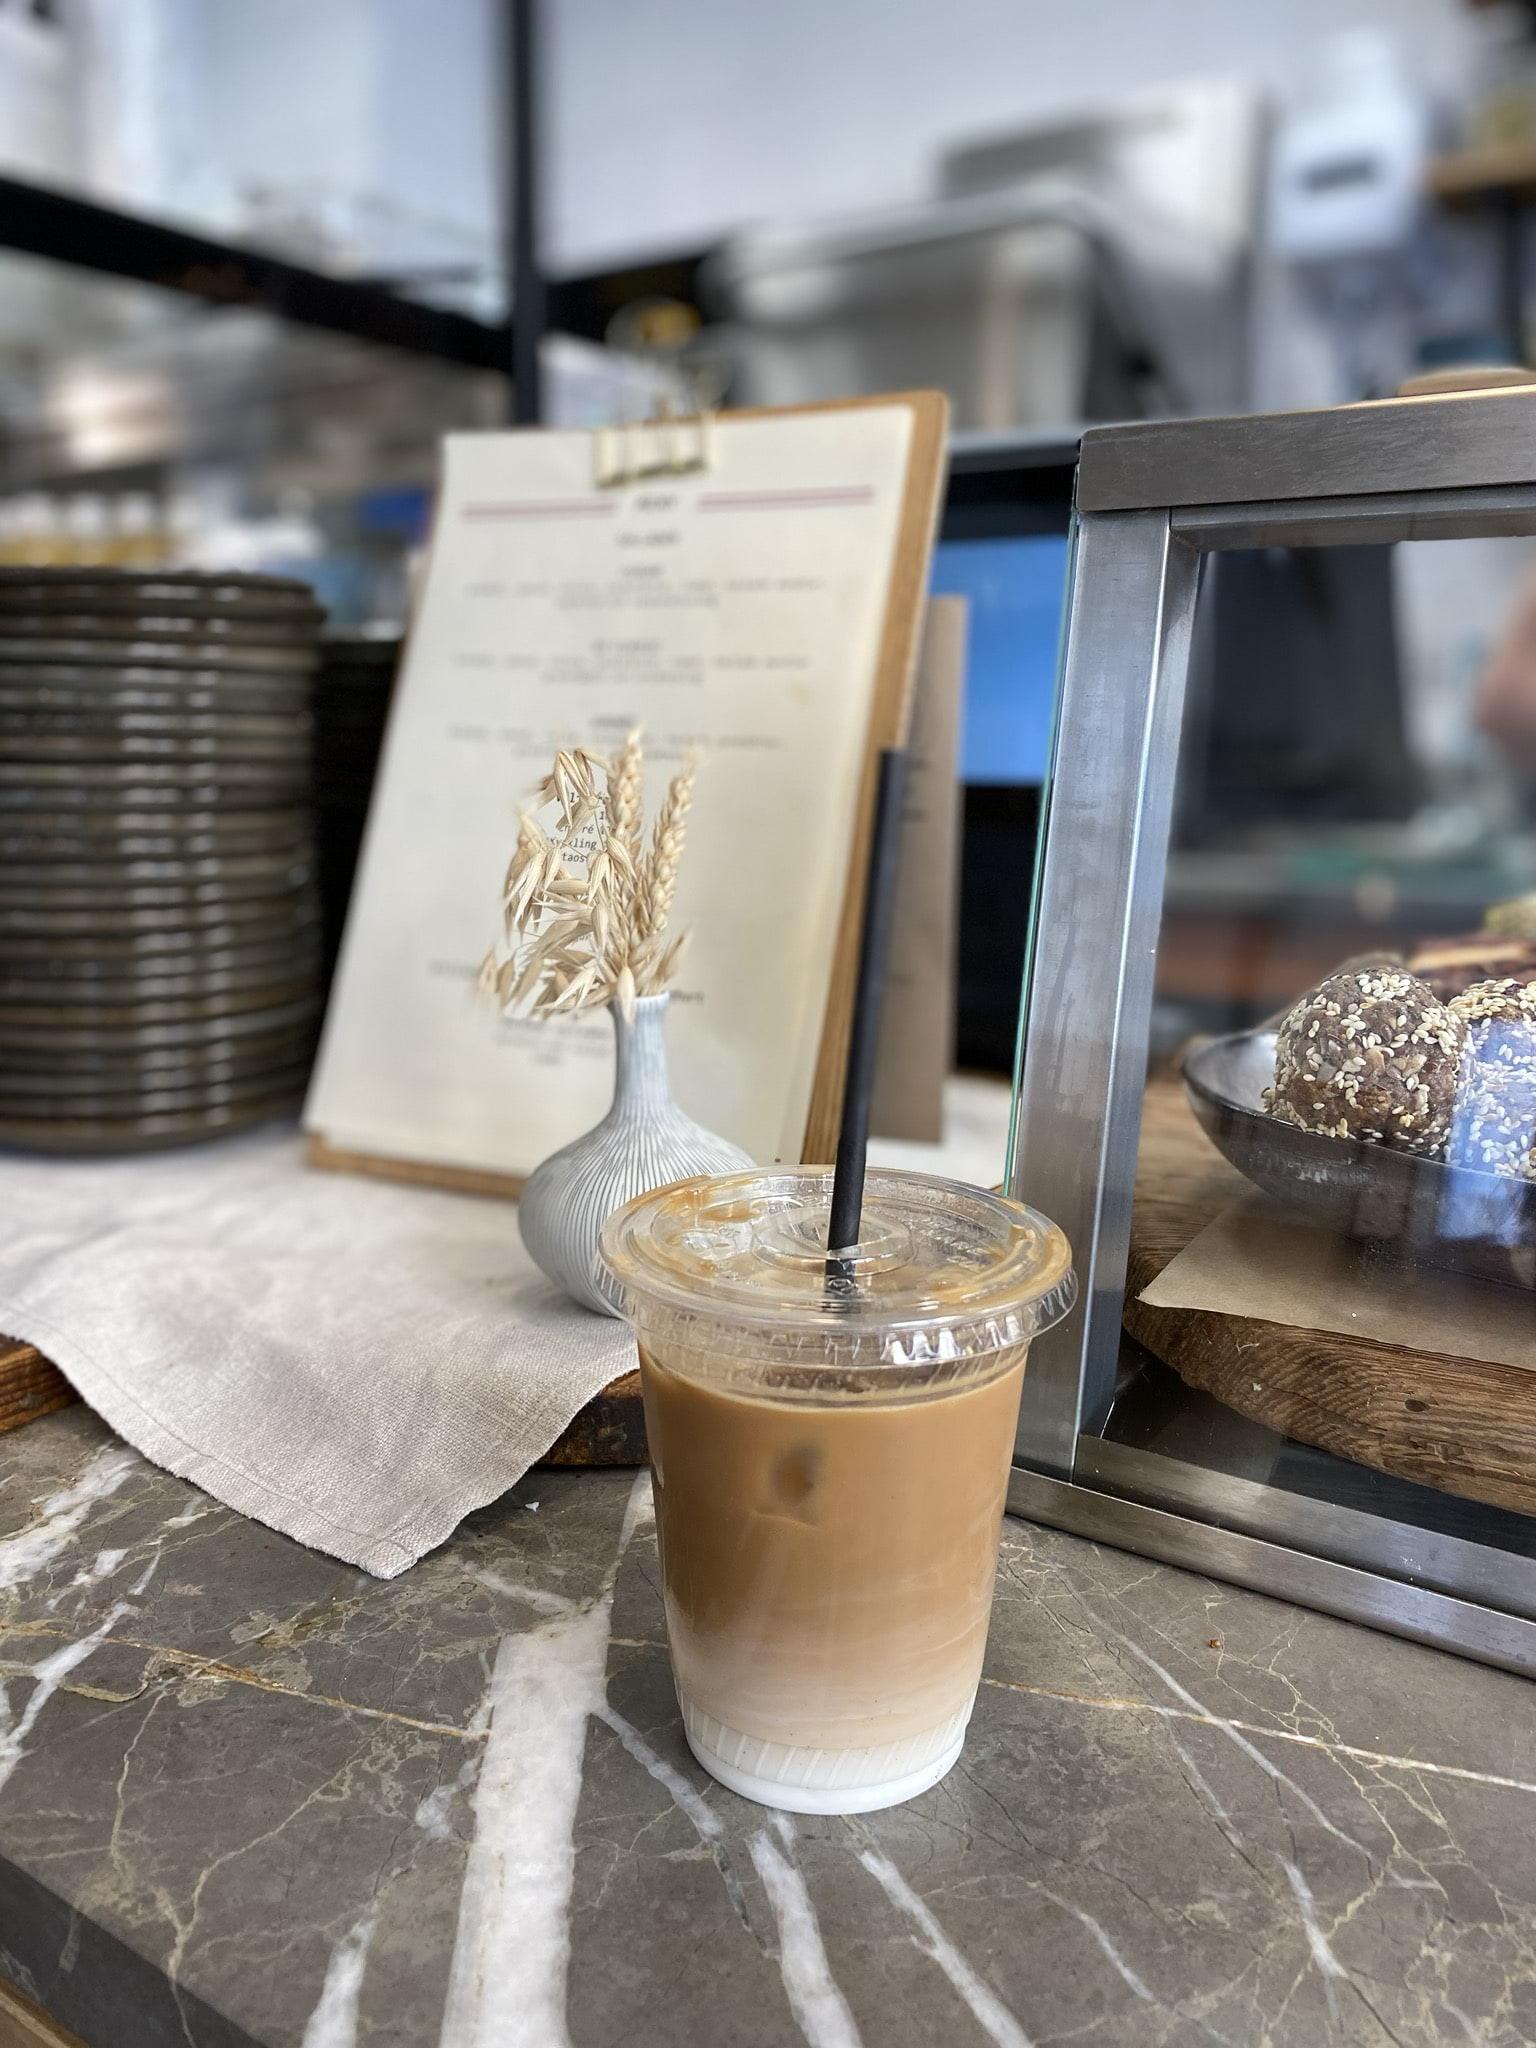 Cold coffee – Bild från Paulas av Madiha S.